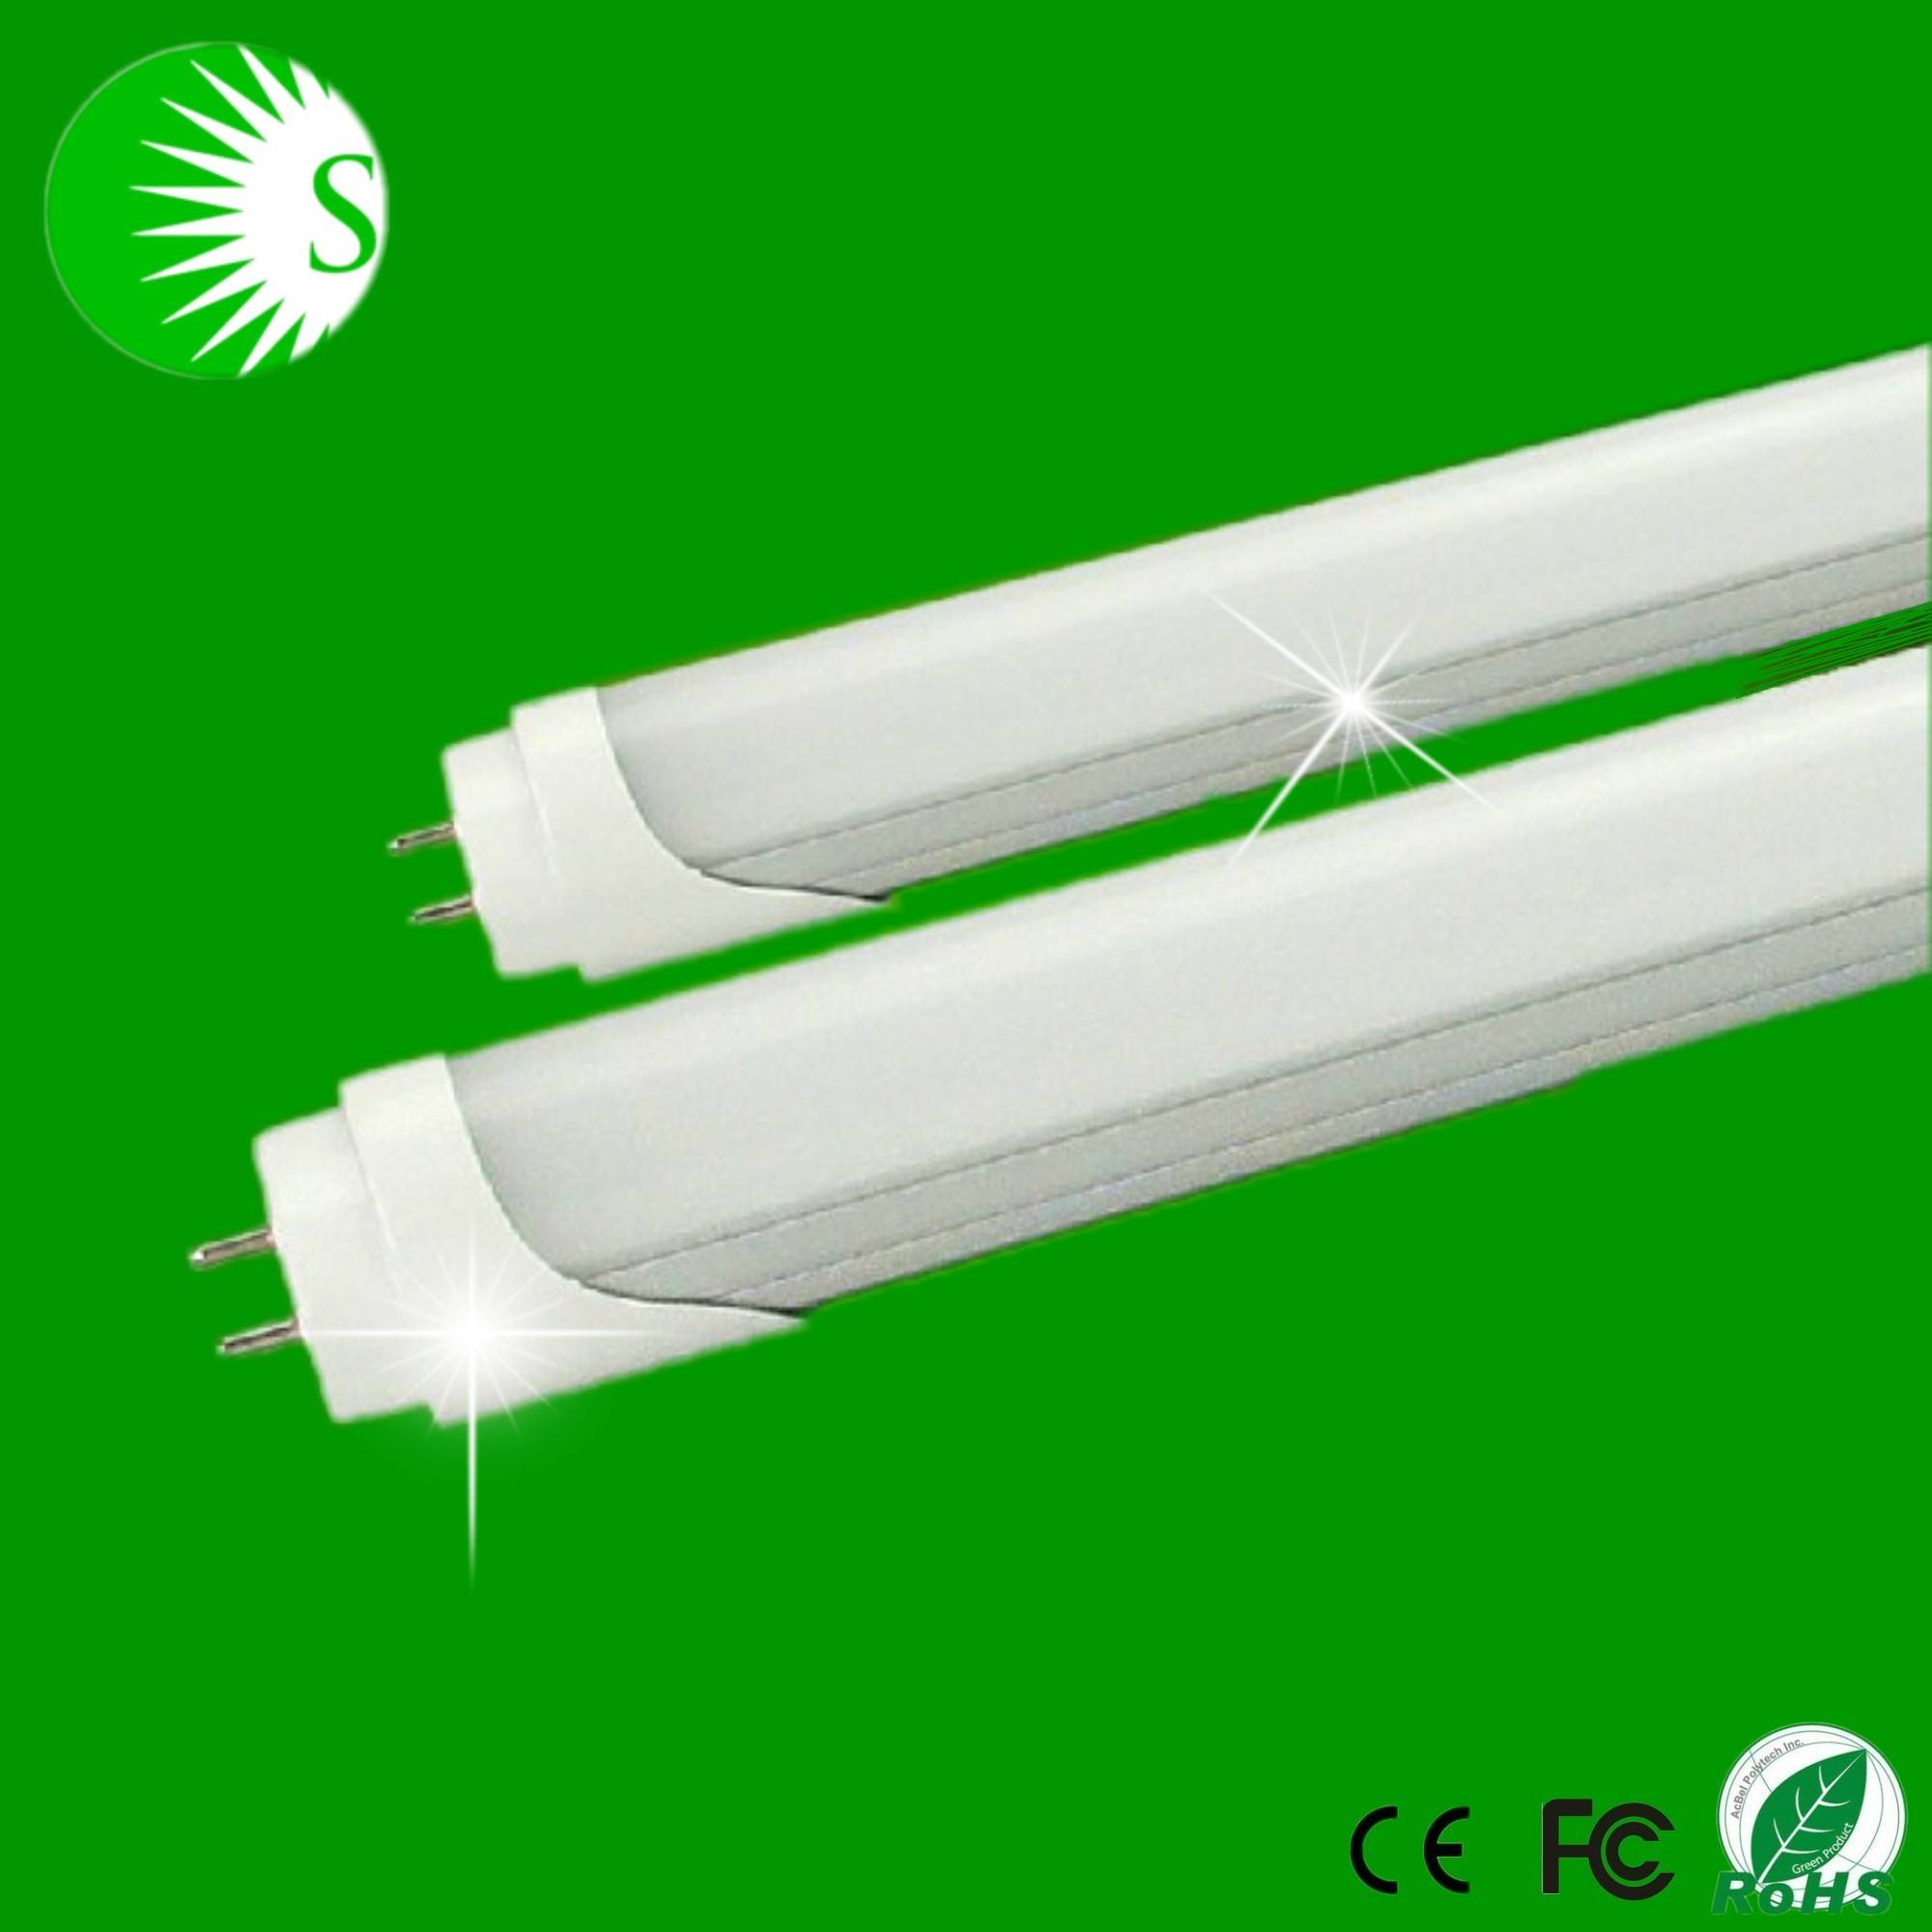 0.6m 0.9m 1.2m 1.5m tube light wide voltage AC85-265V CRI80 Epister led SMD2835 t8 red tube tuv tube